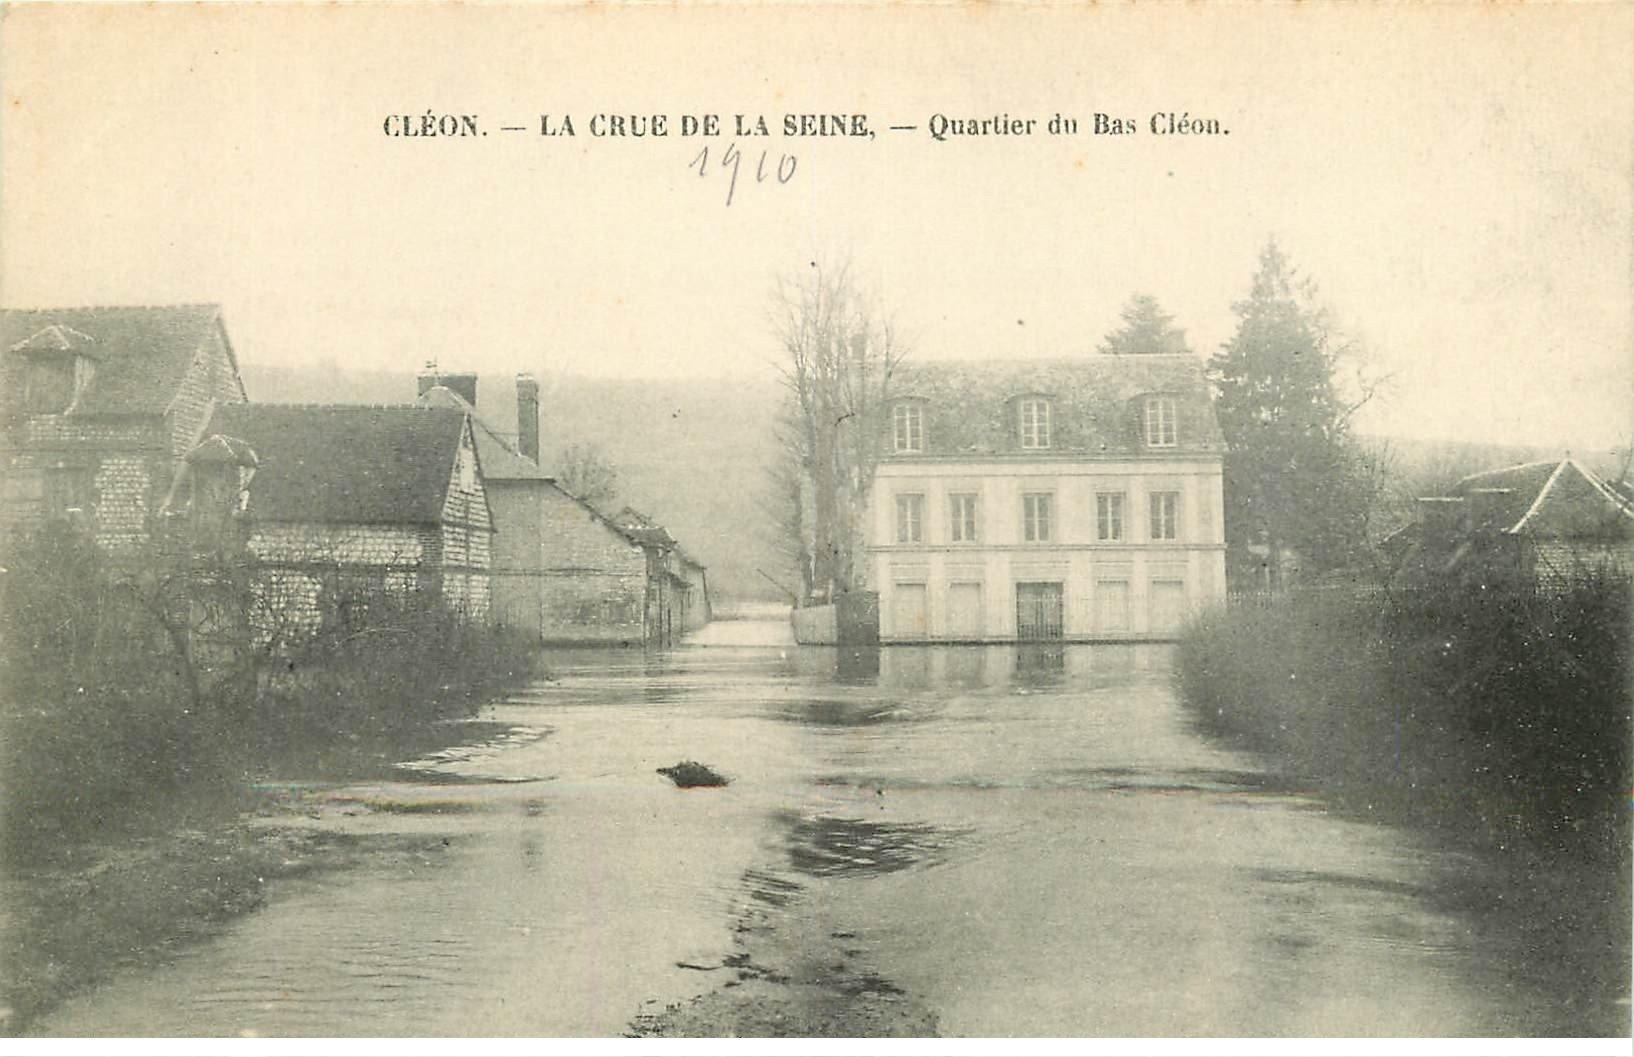 carte postale ancienne Inondation et Crue de 1910. CLEON 76. Quartier du Bas Cléon